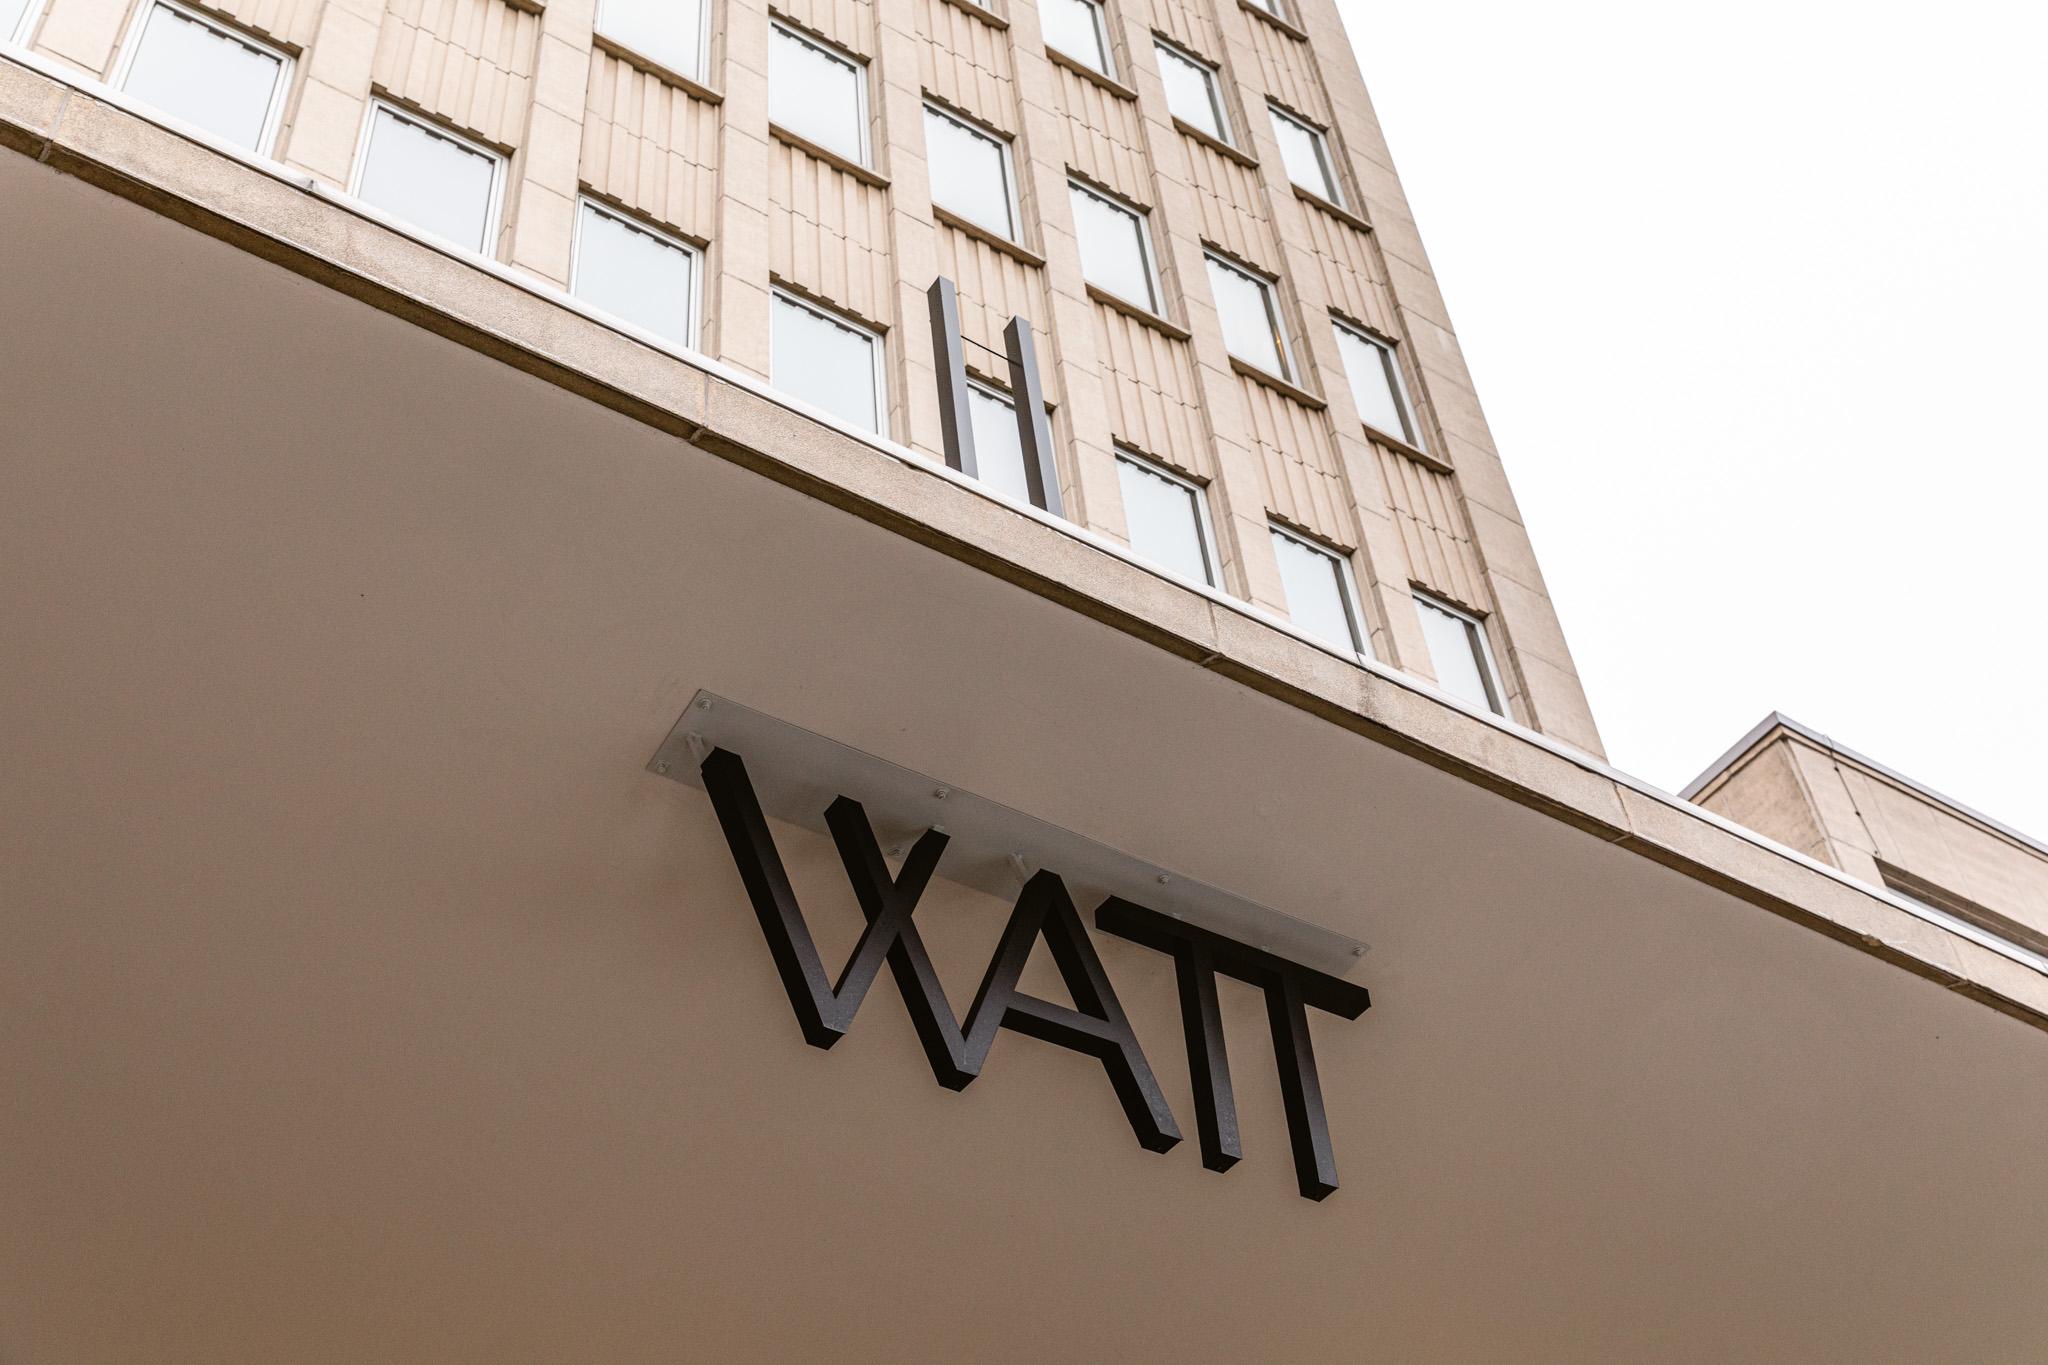 Werken in de Watt-toren